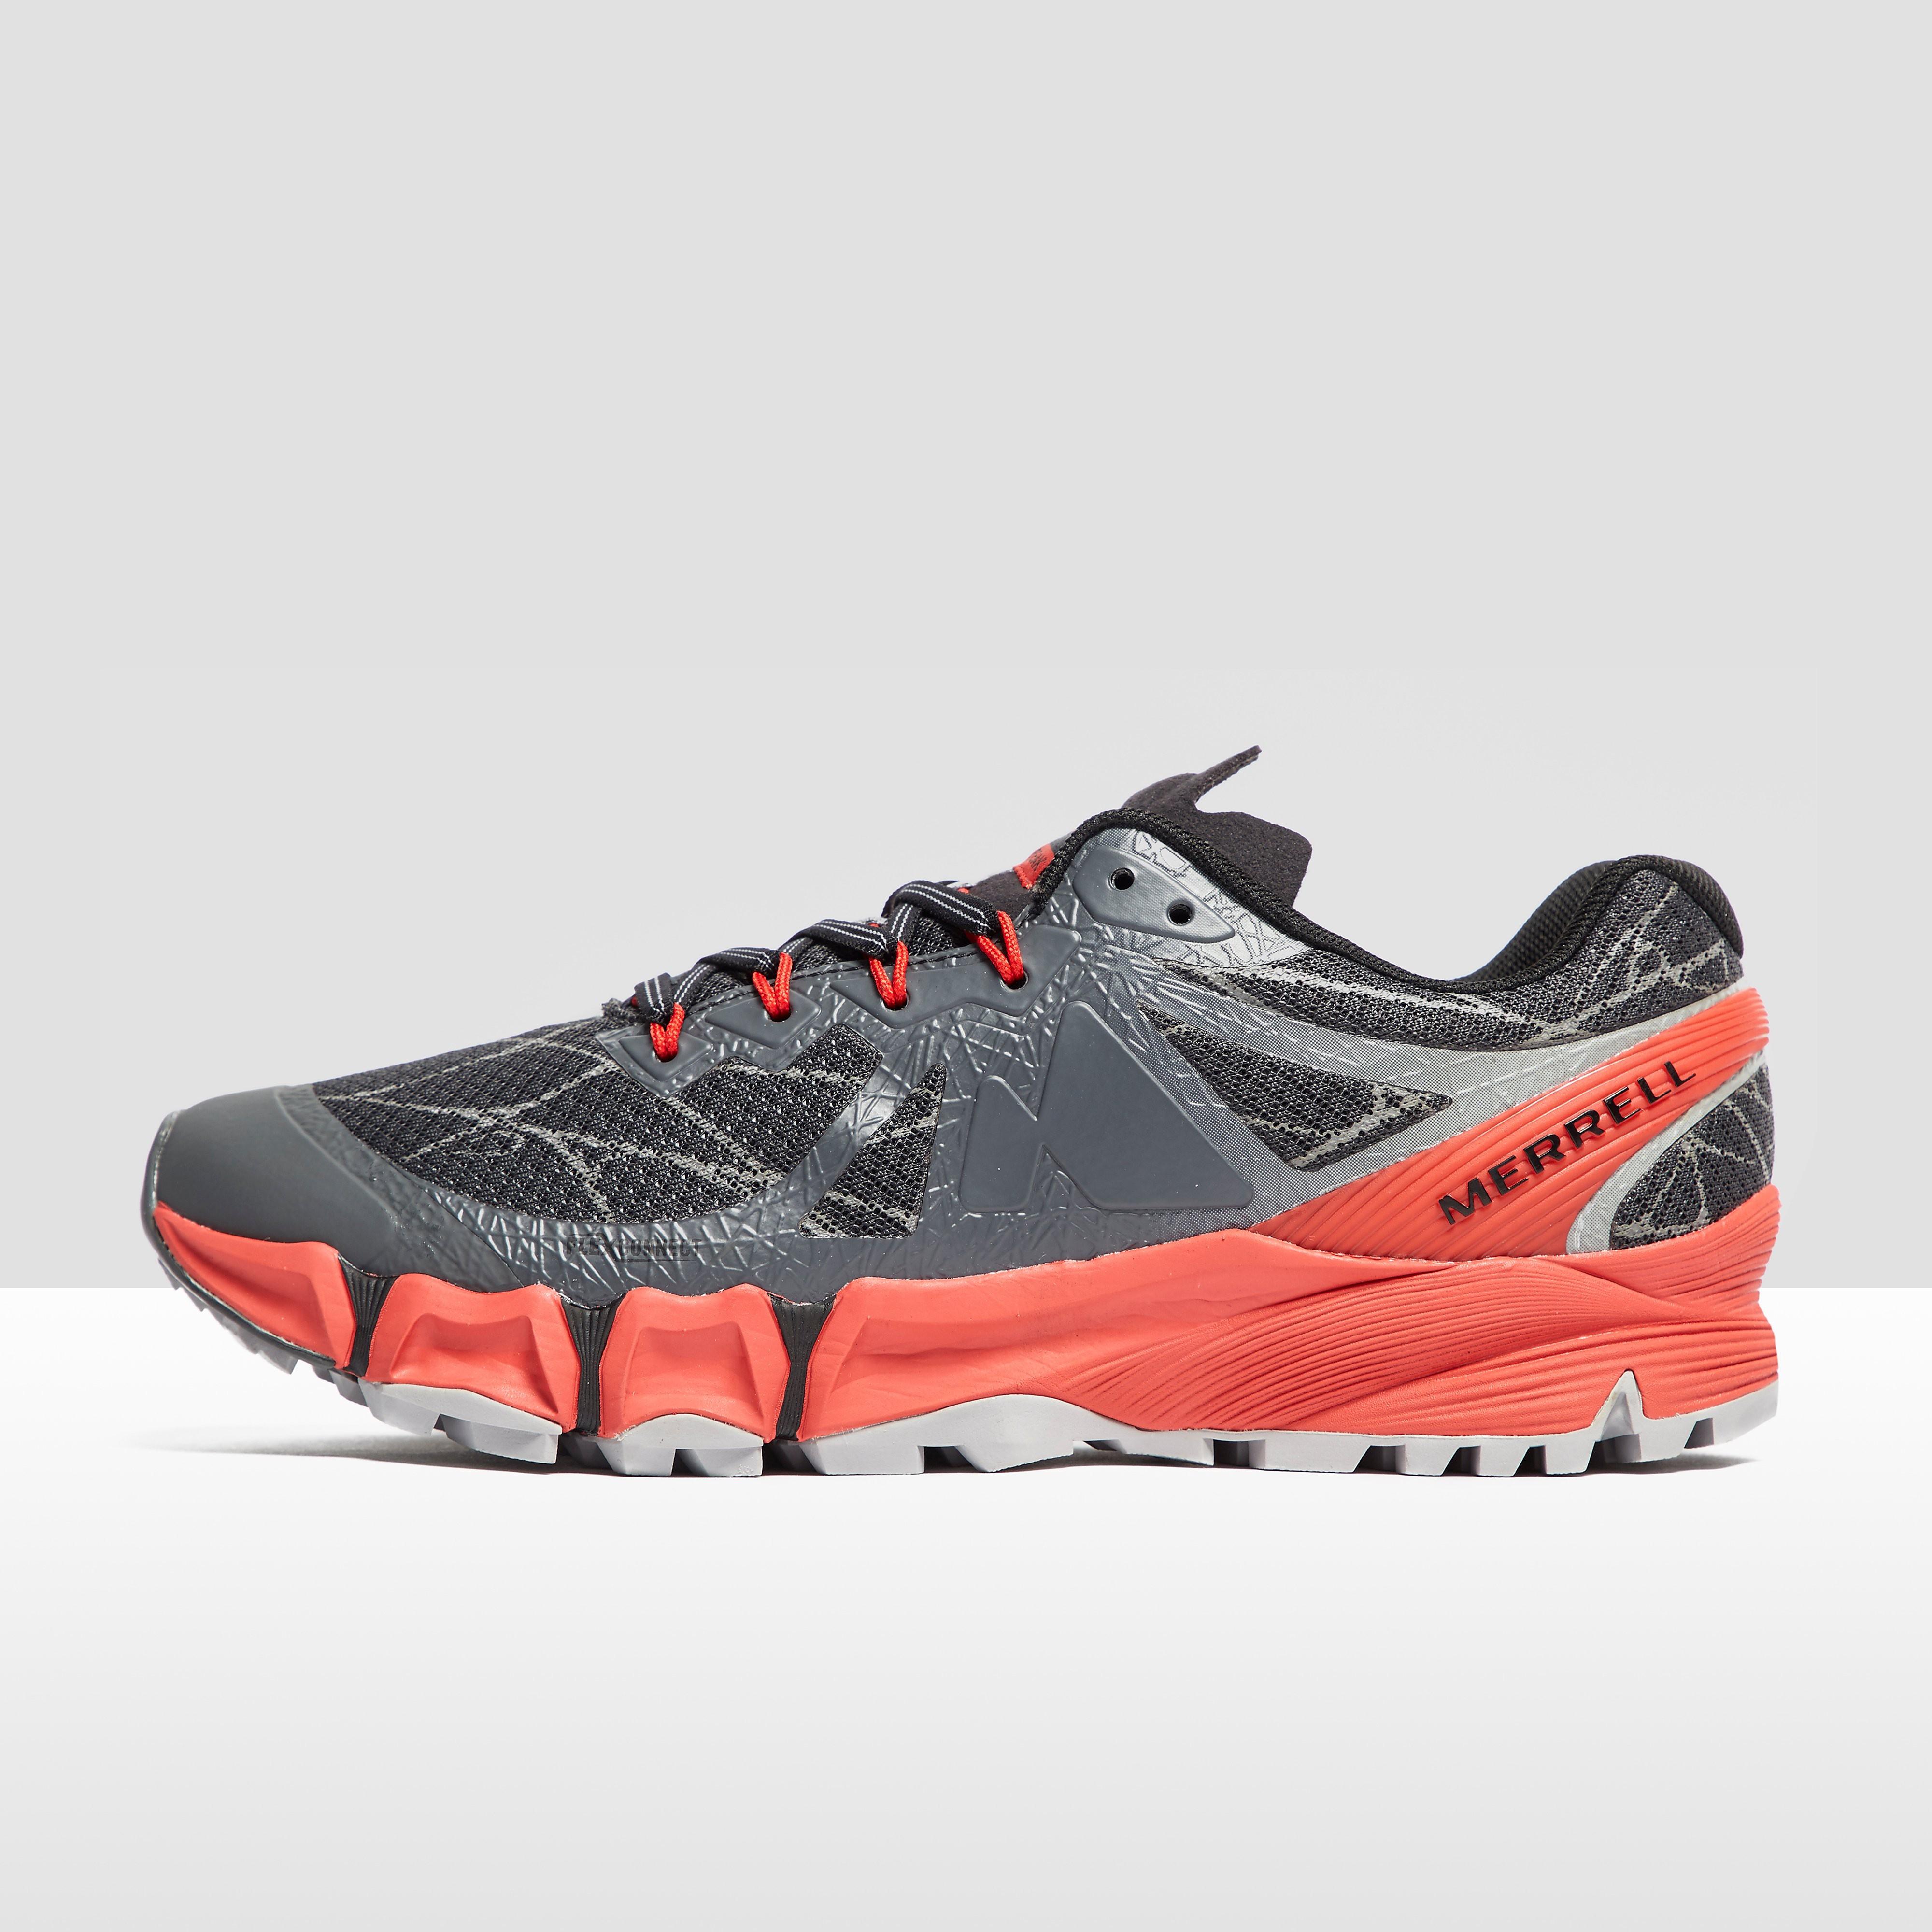 Merrell Men's Trail Running Shoe